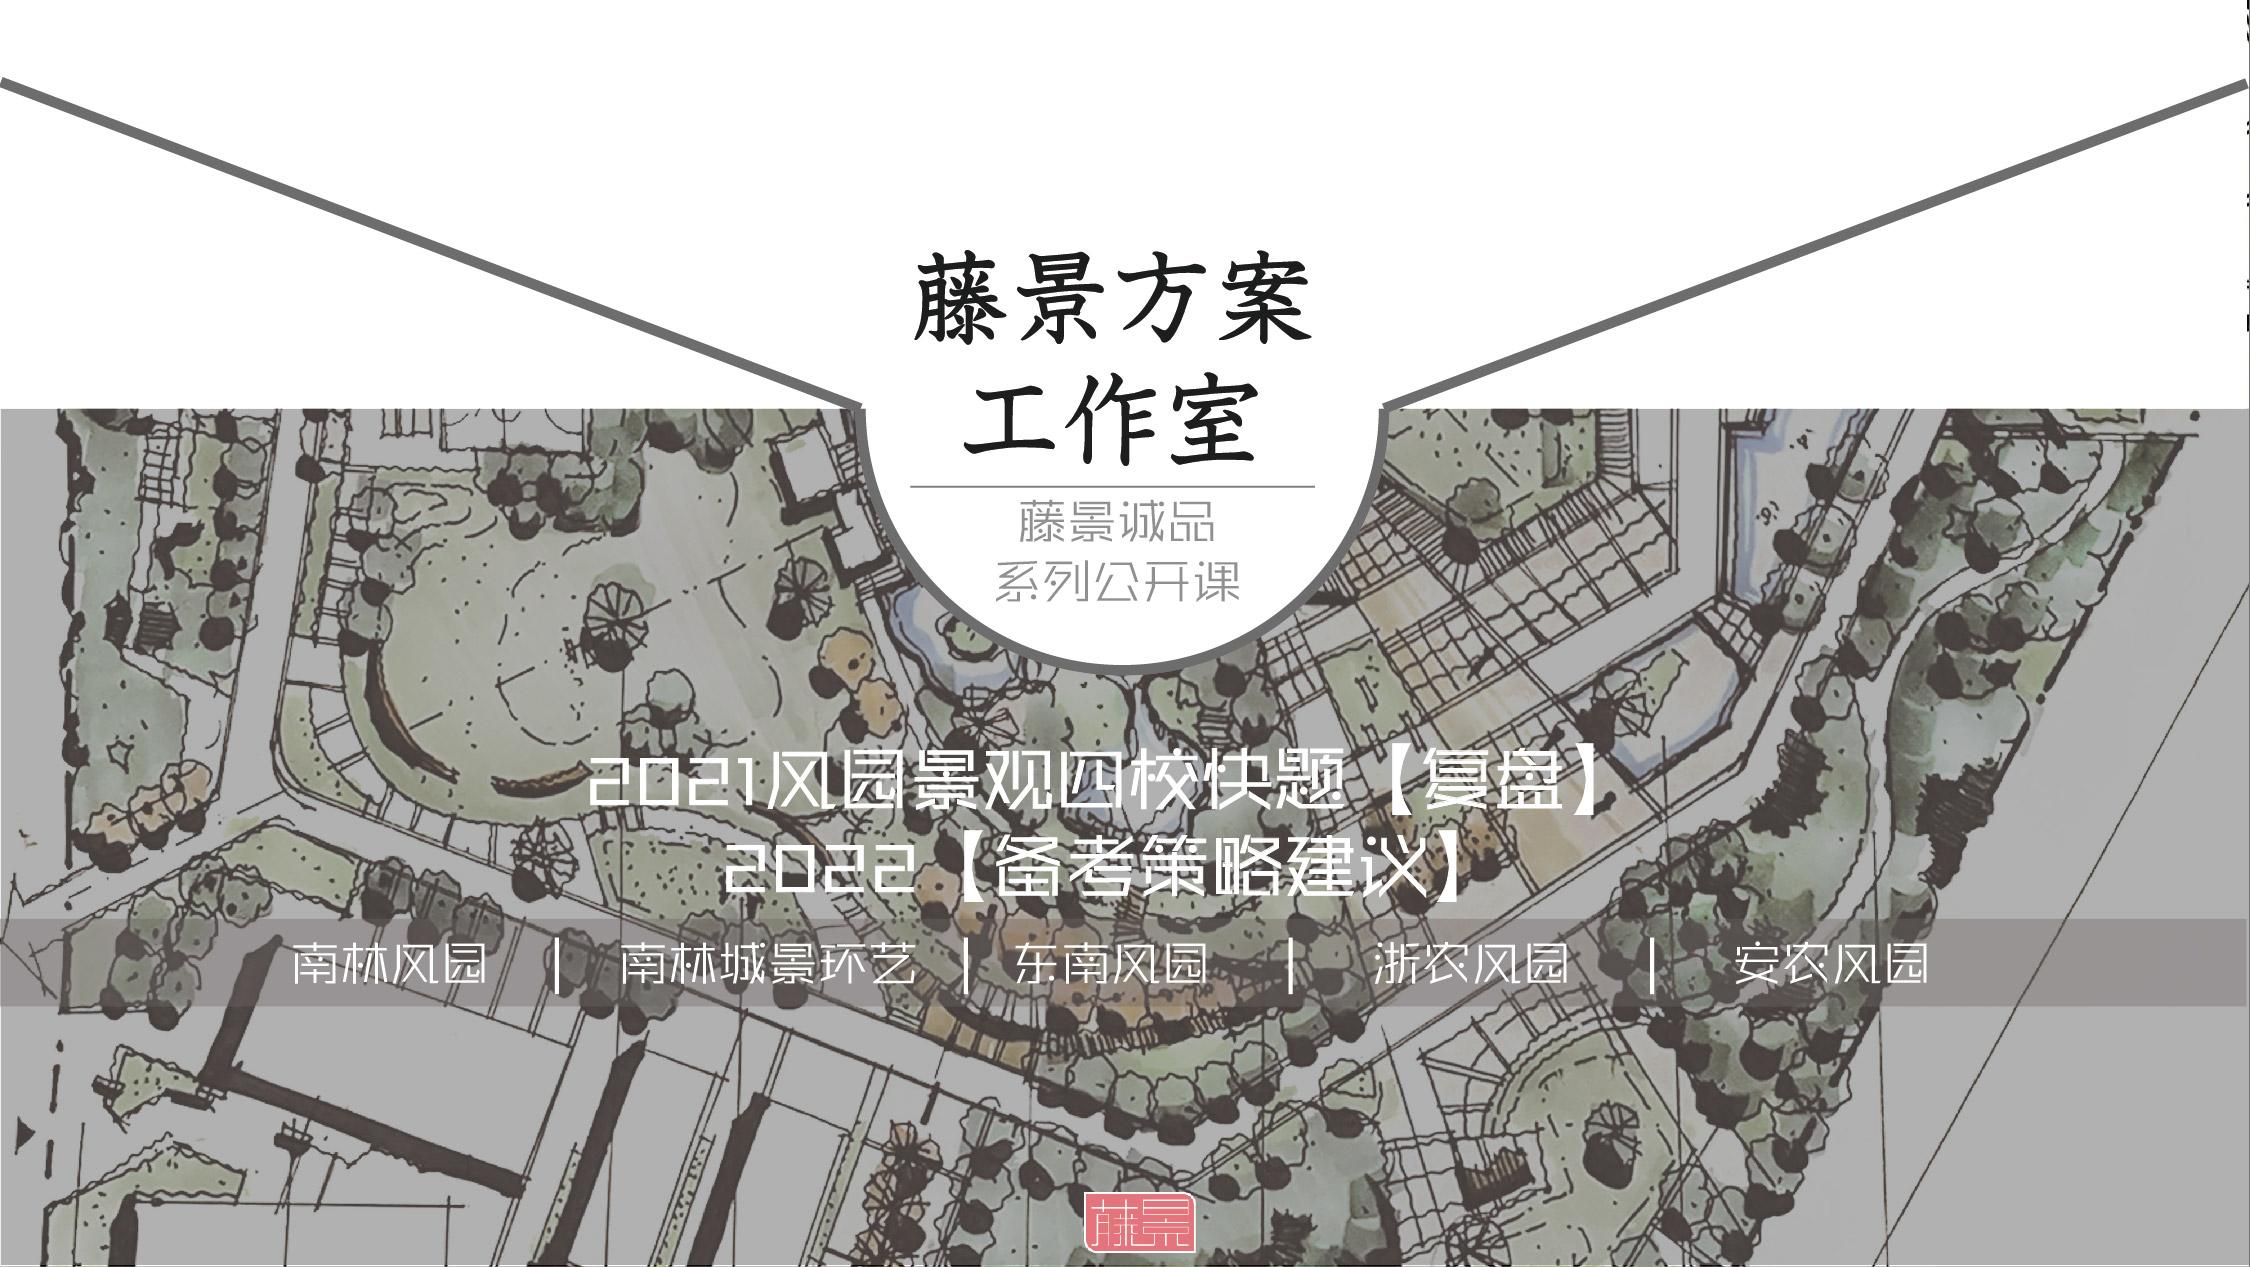 2021风园景观四校快题【复盘】 2022【备考策略建议】